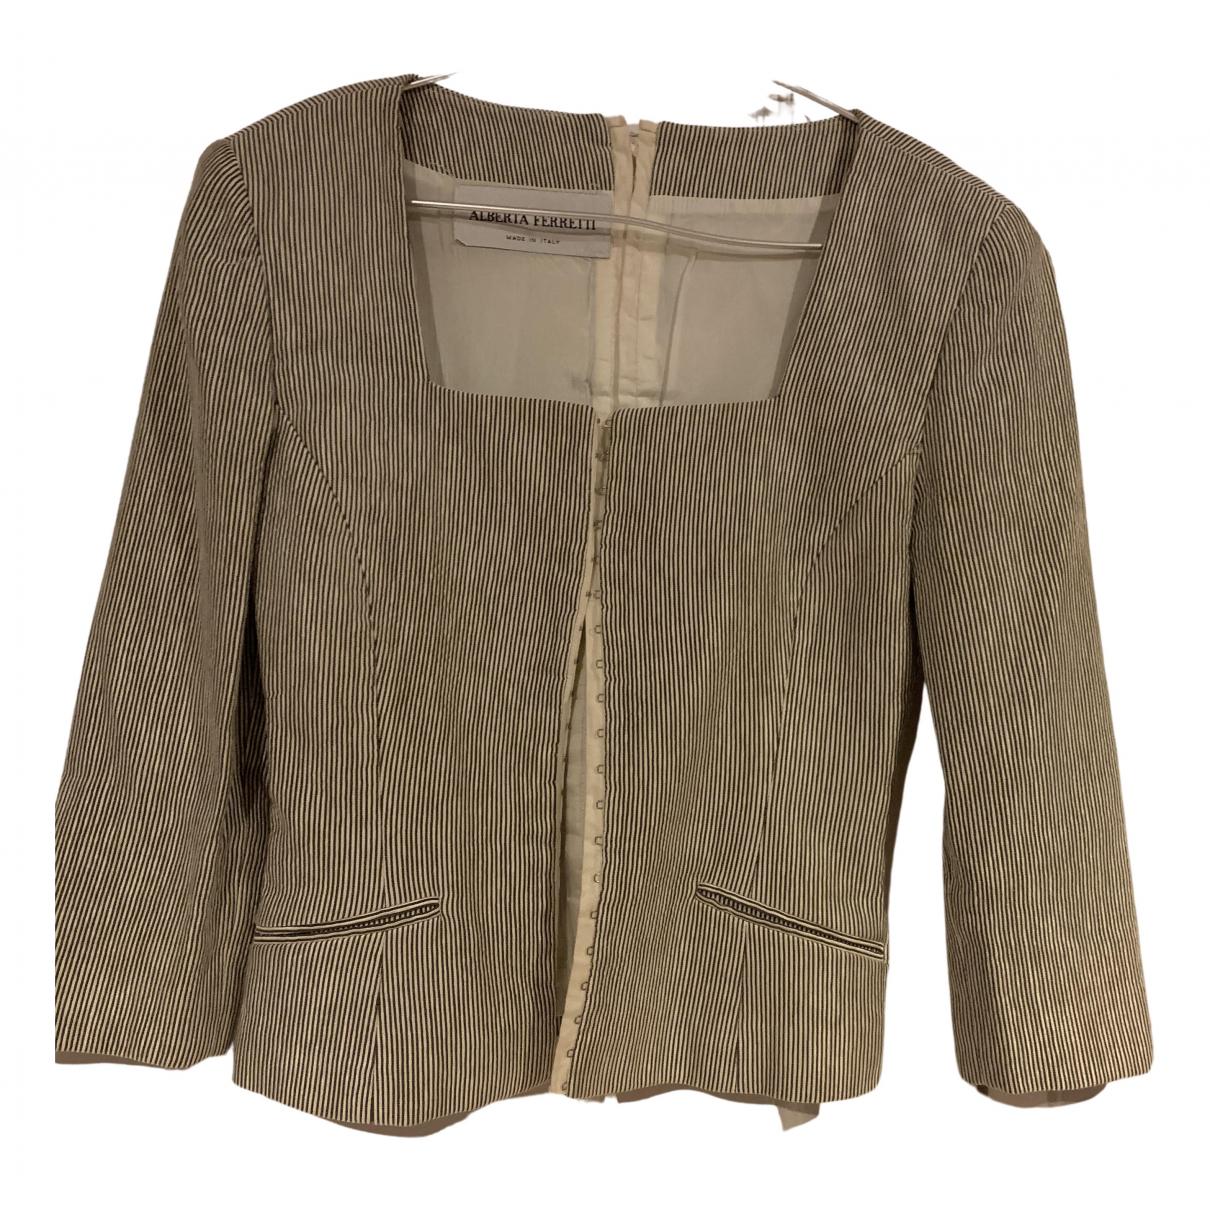 Alberta Ferretti - Veste   pour femme en soie - gris